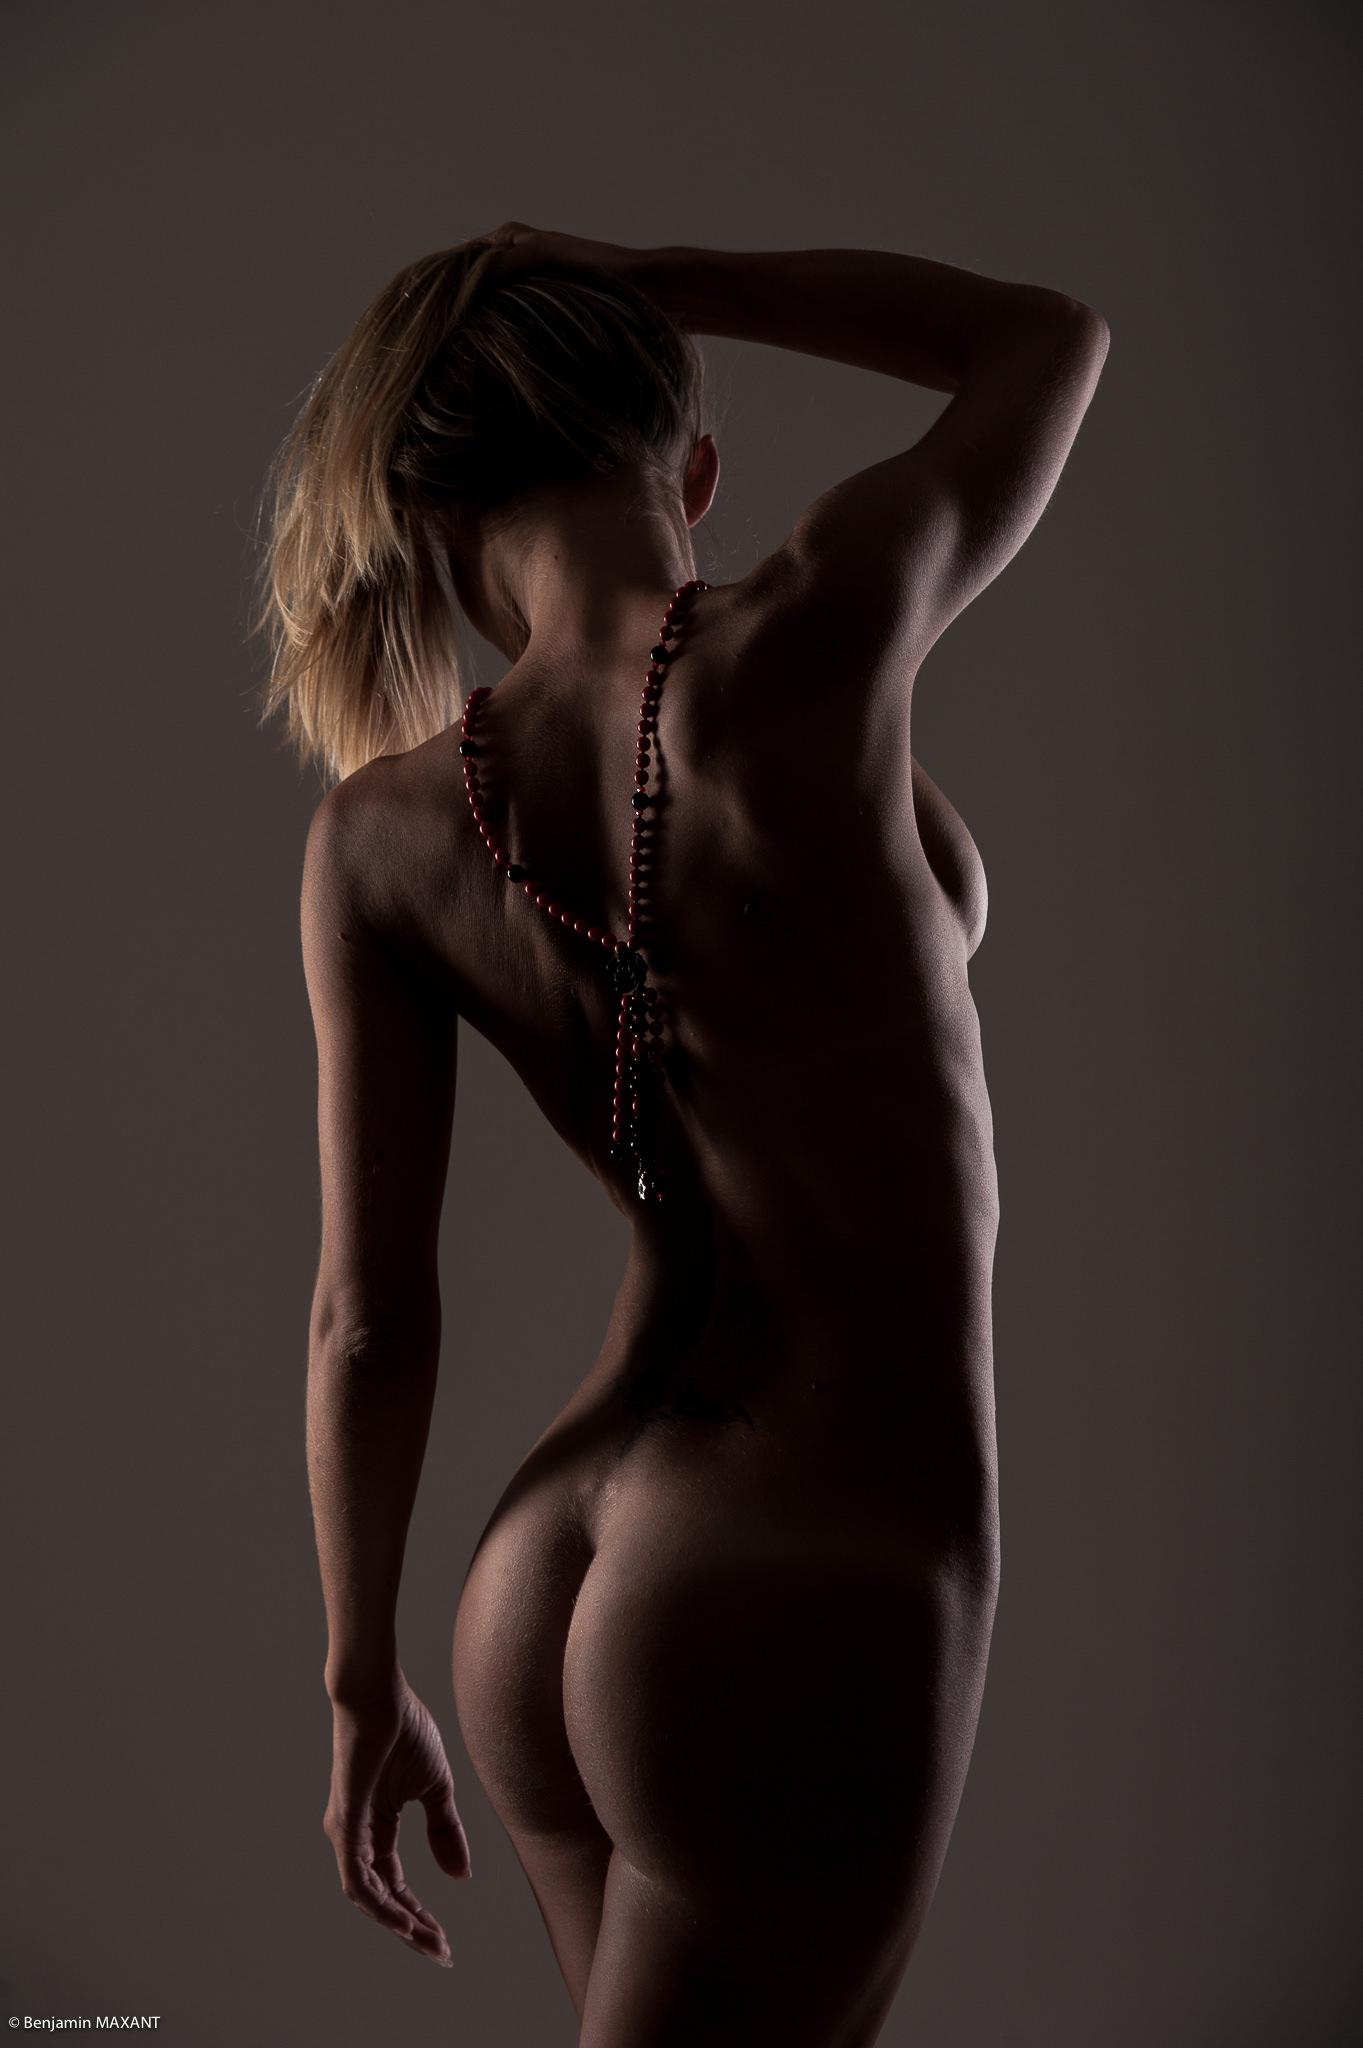 Séance photo lingerie en studio avec Emeline - nue de dos avec sautoir dans le dos